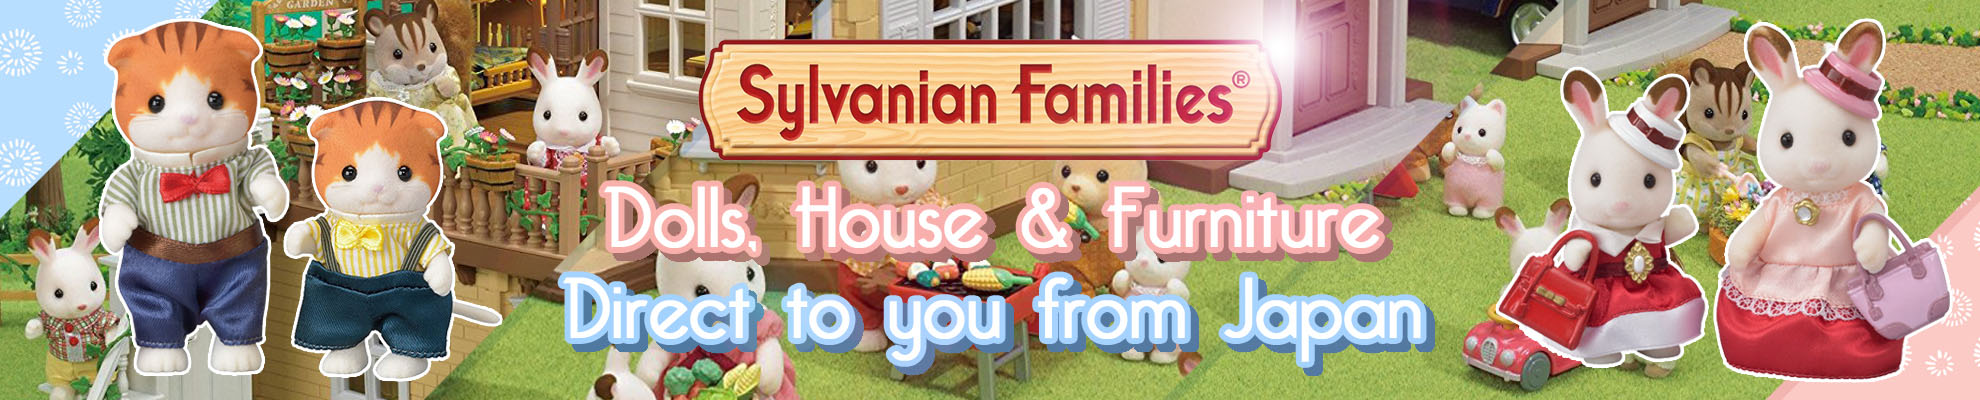 Plaza Japan Sylvanian Families Toys